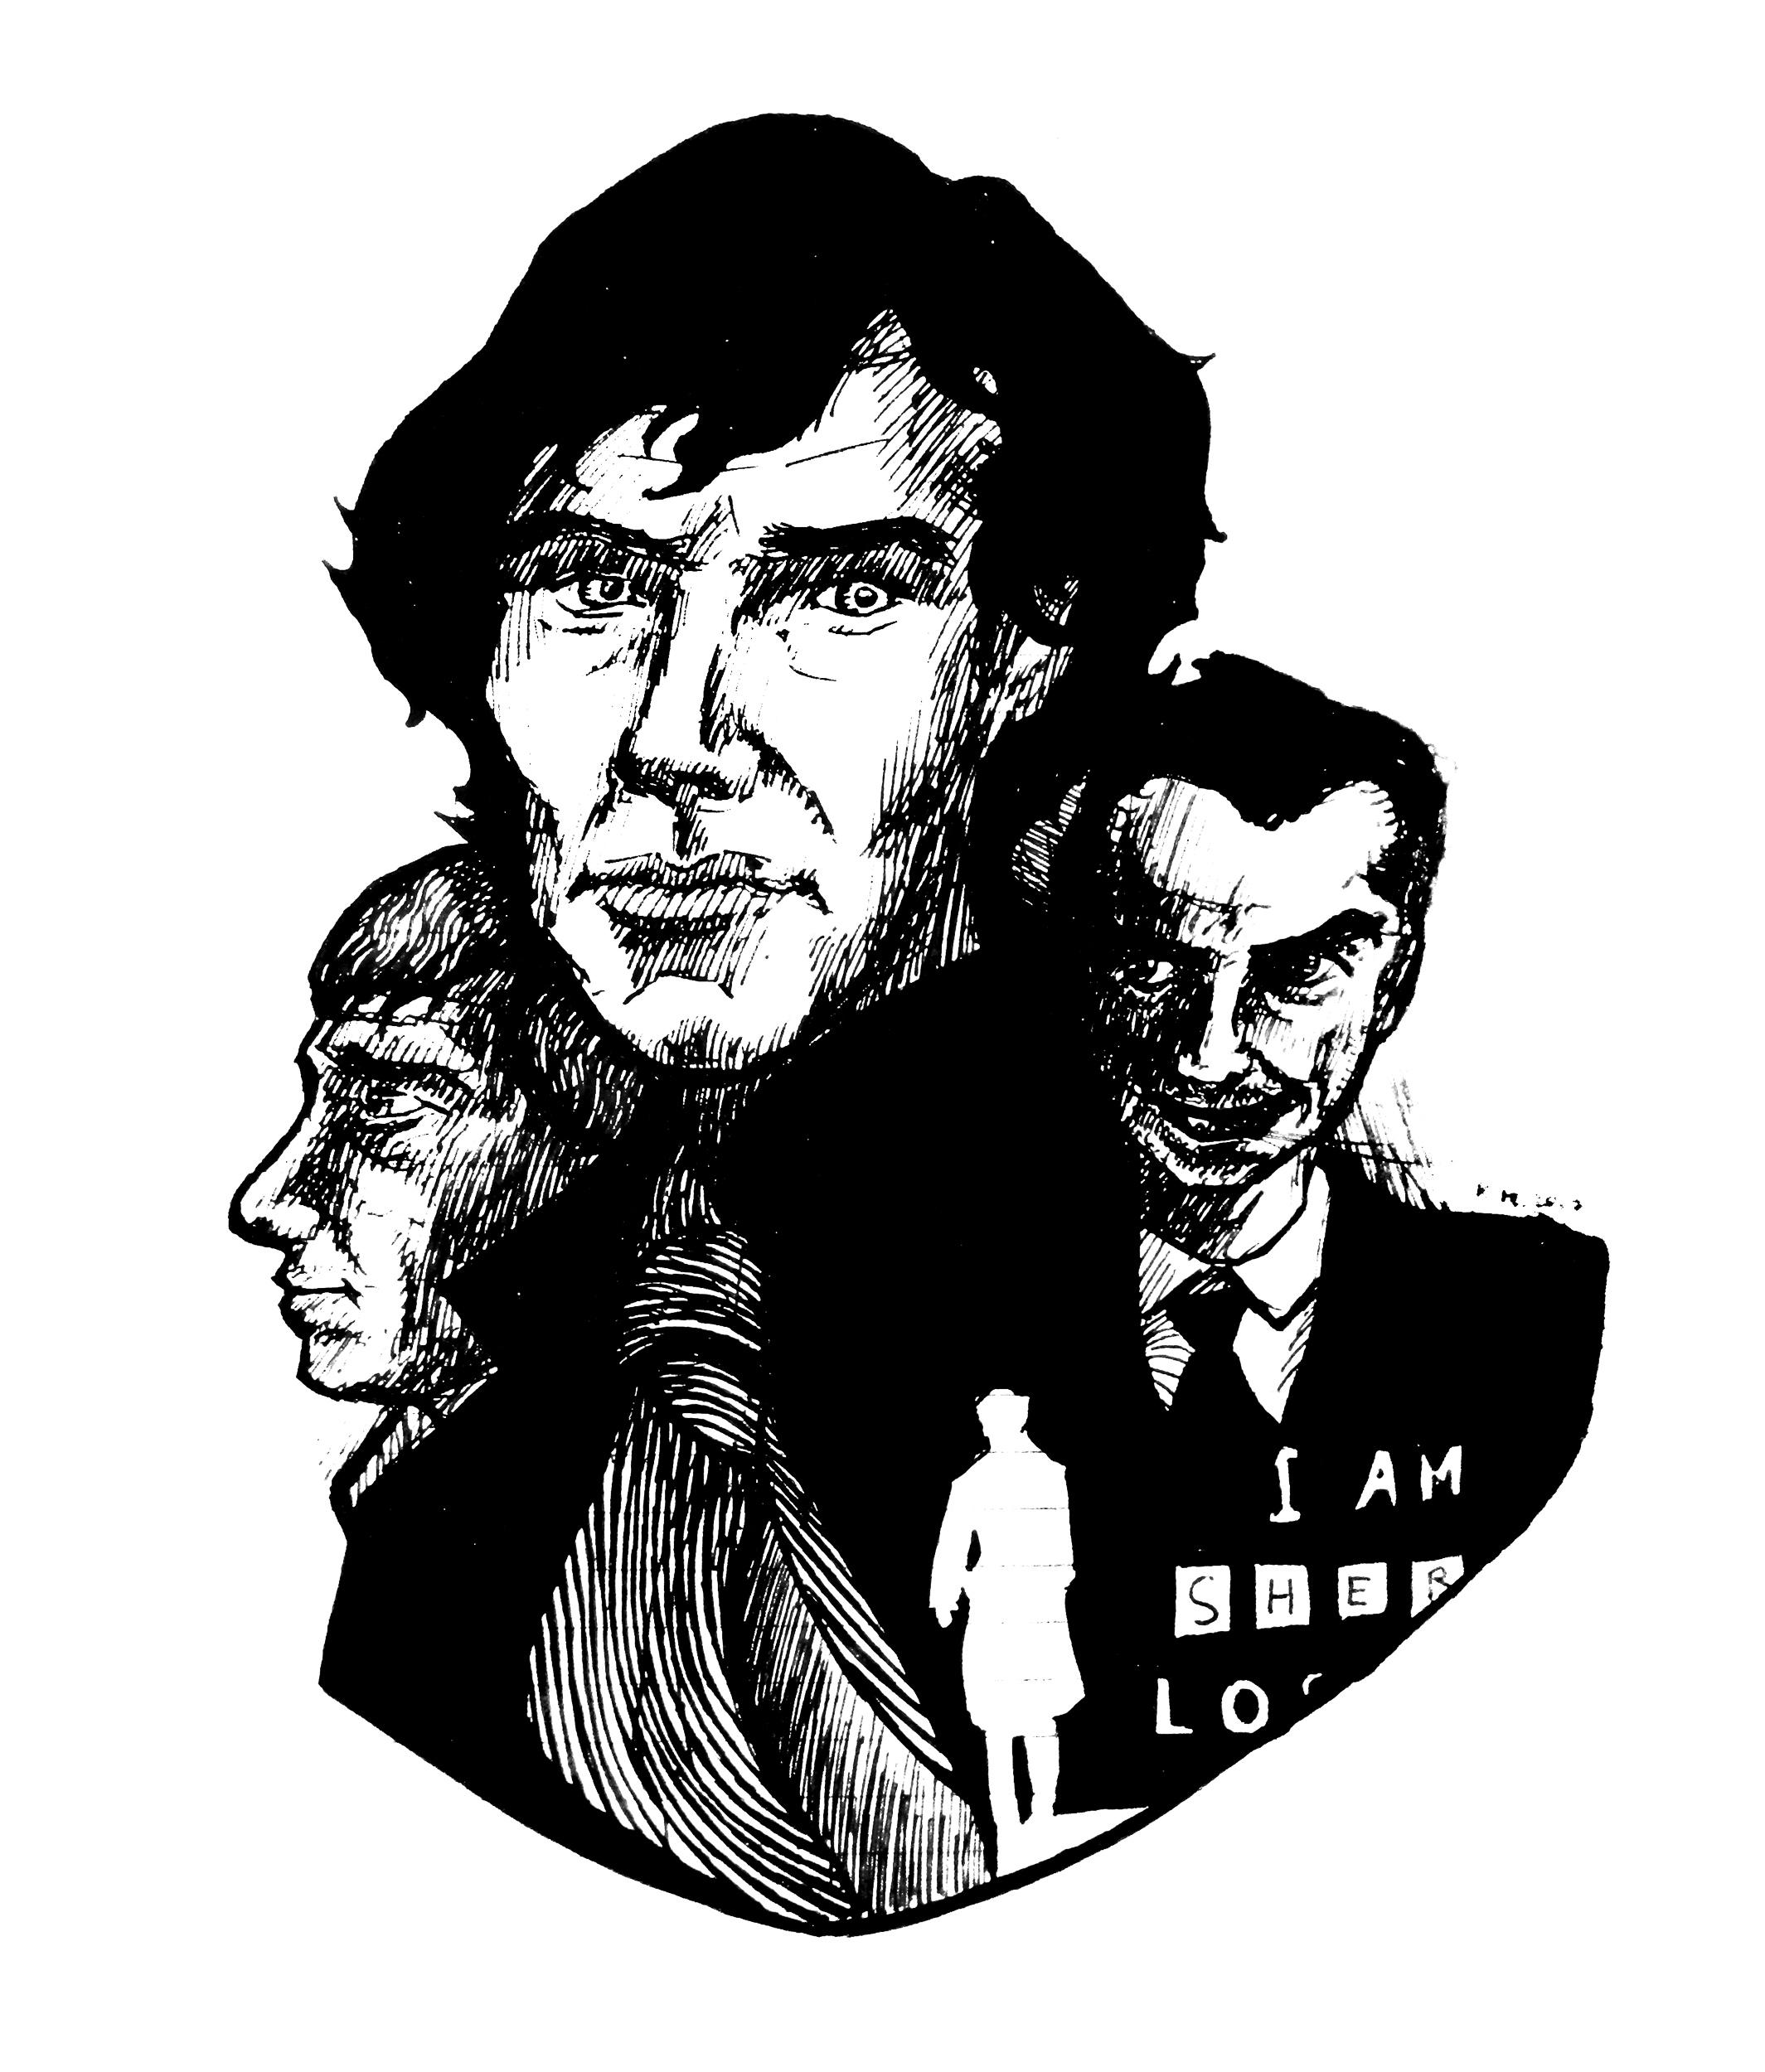 """Портреты Шерлока Холмса, Джона Ватсона и Джеймса Мориарти из сериала BBC """"Шерлок"""". Бумага, ручка."""